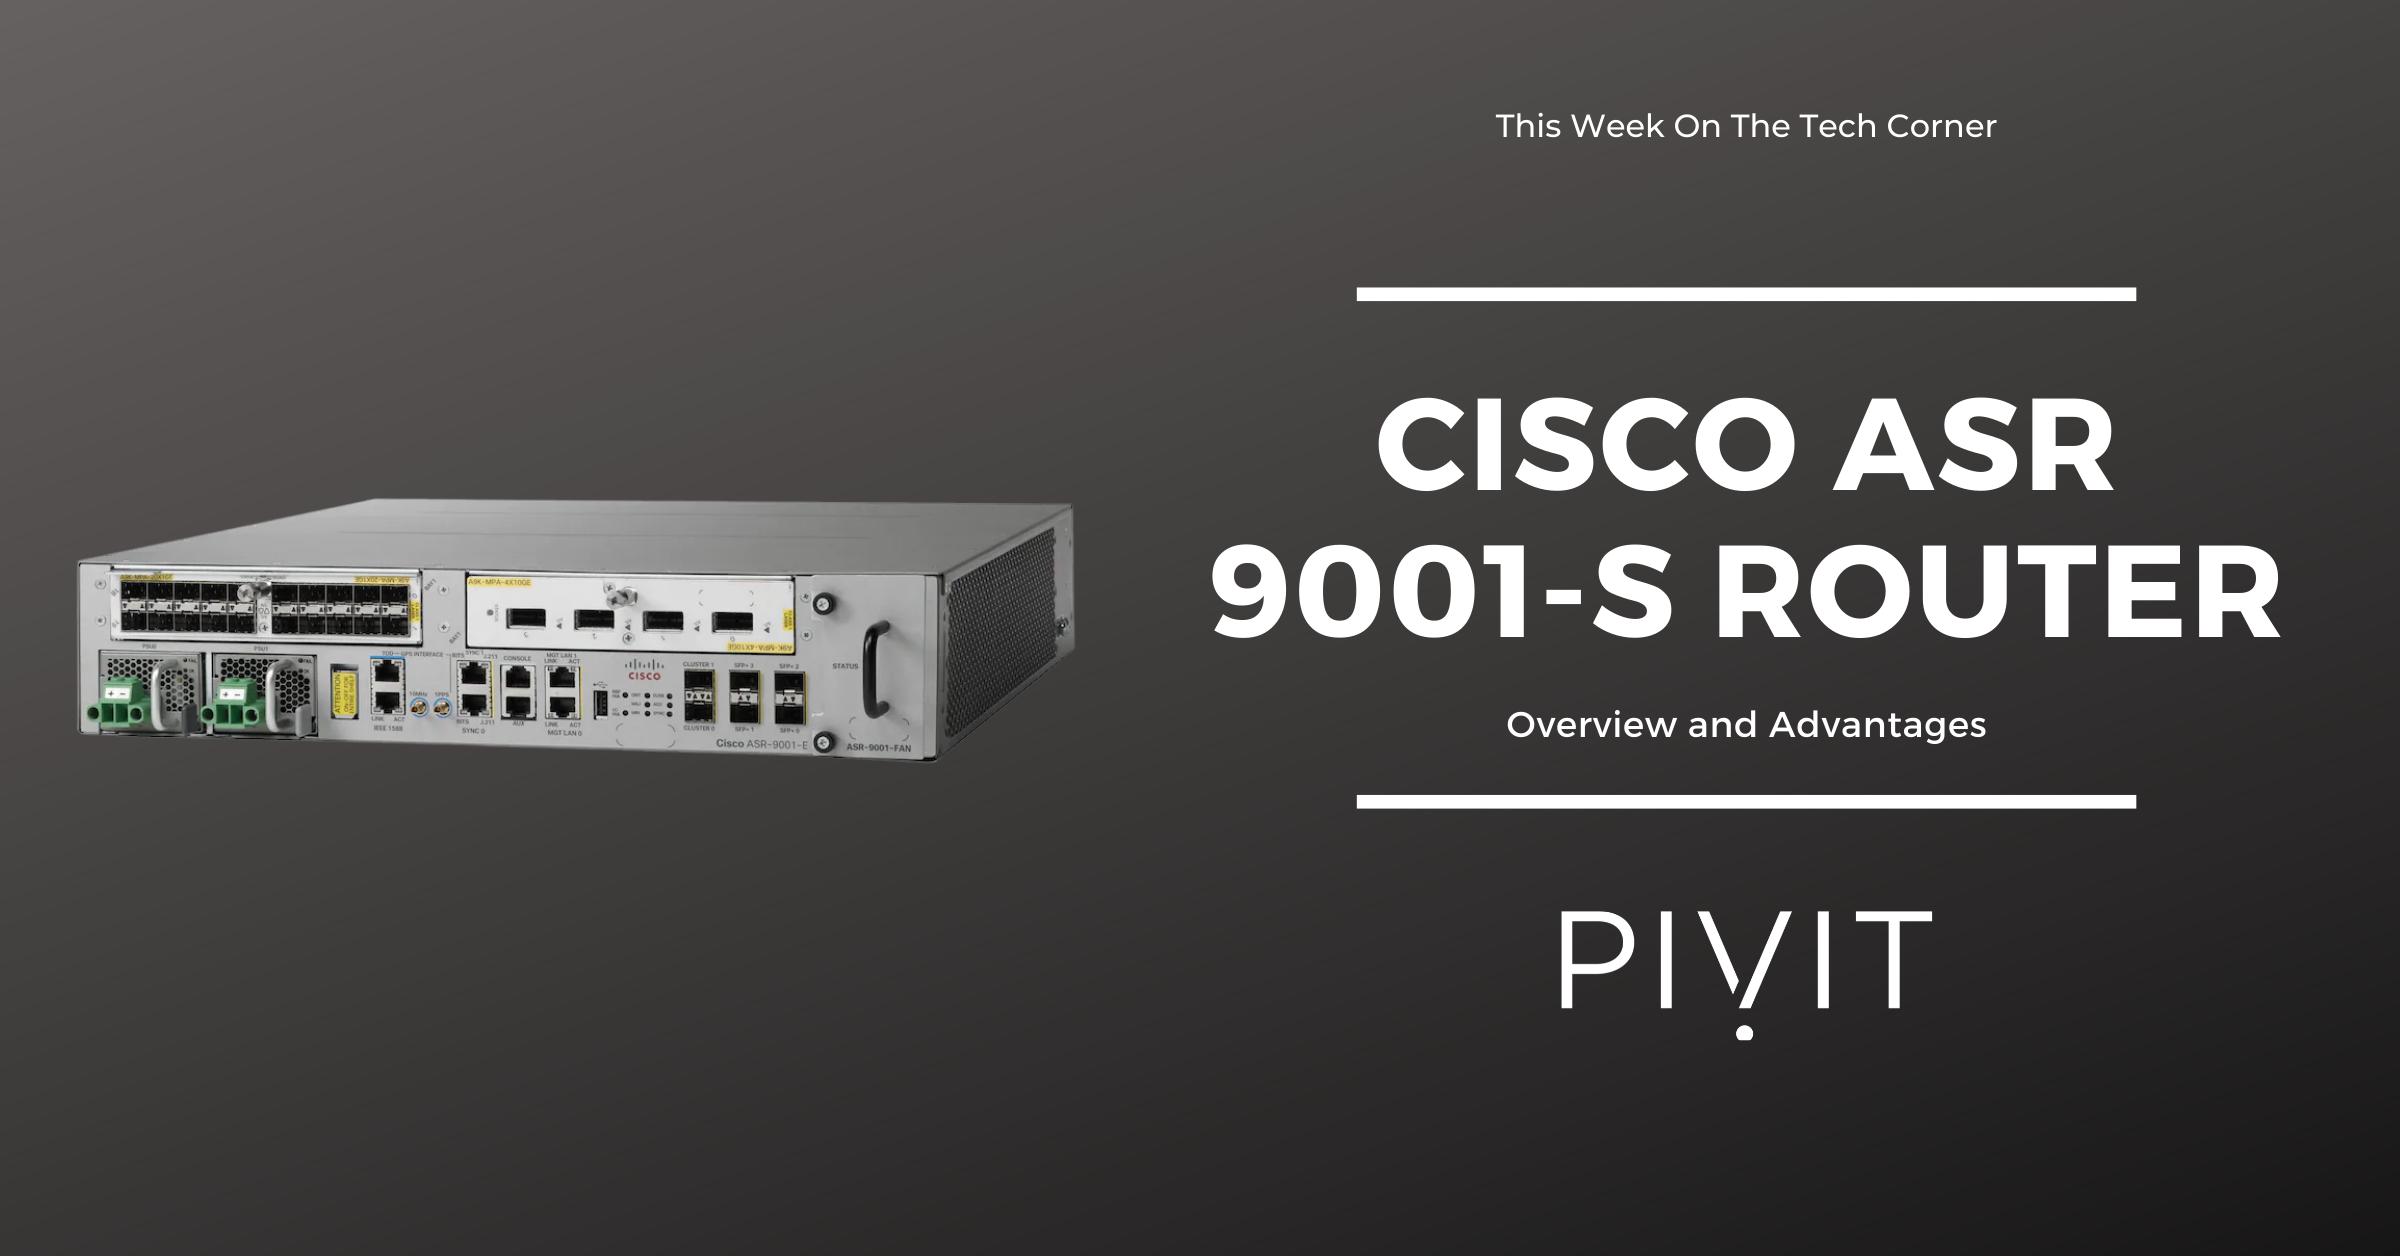 Cisco ASR 9001-S Router image